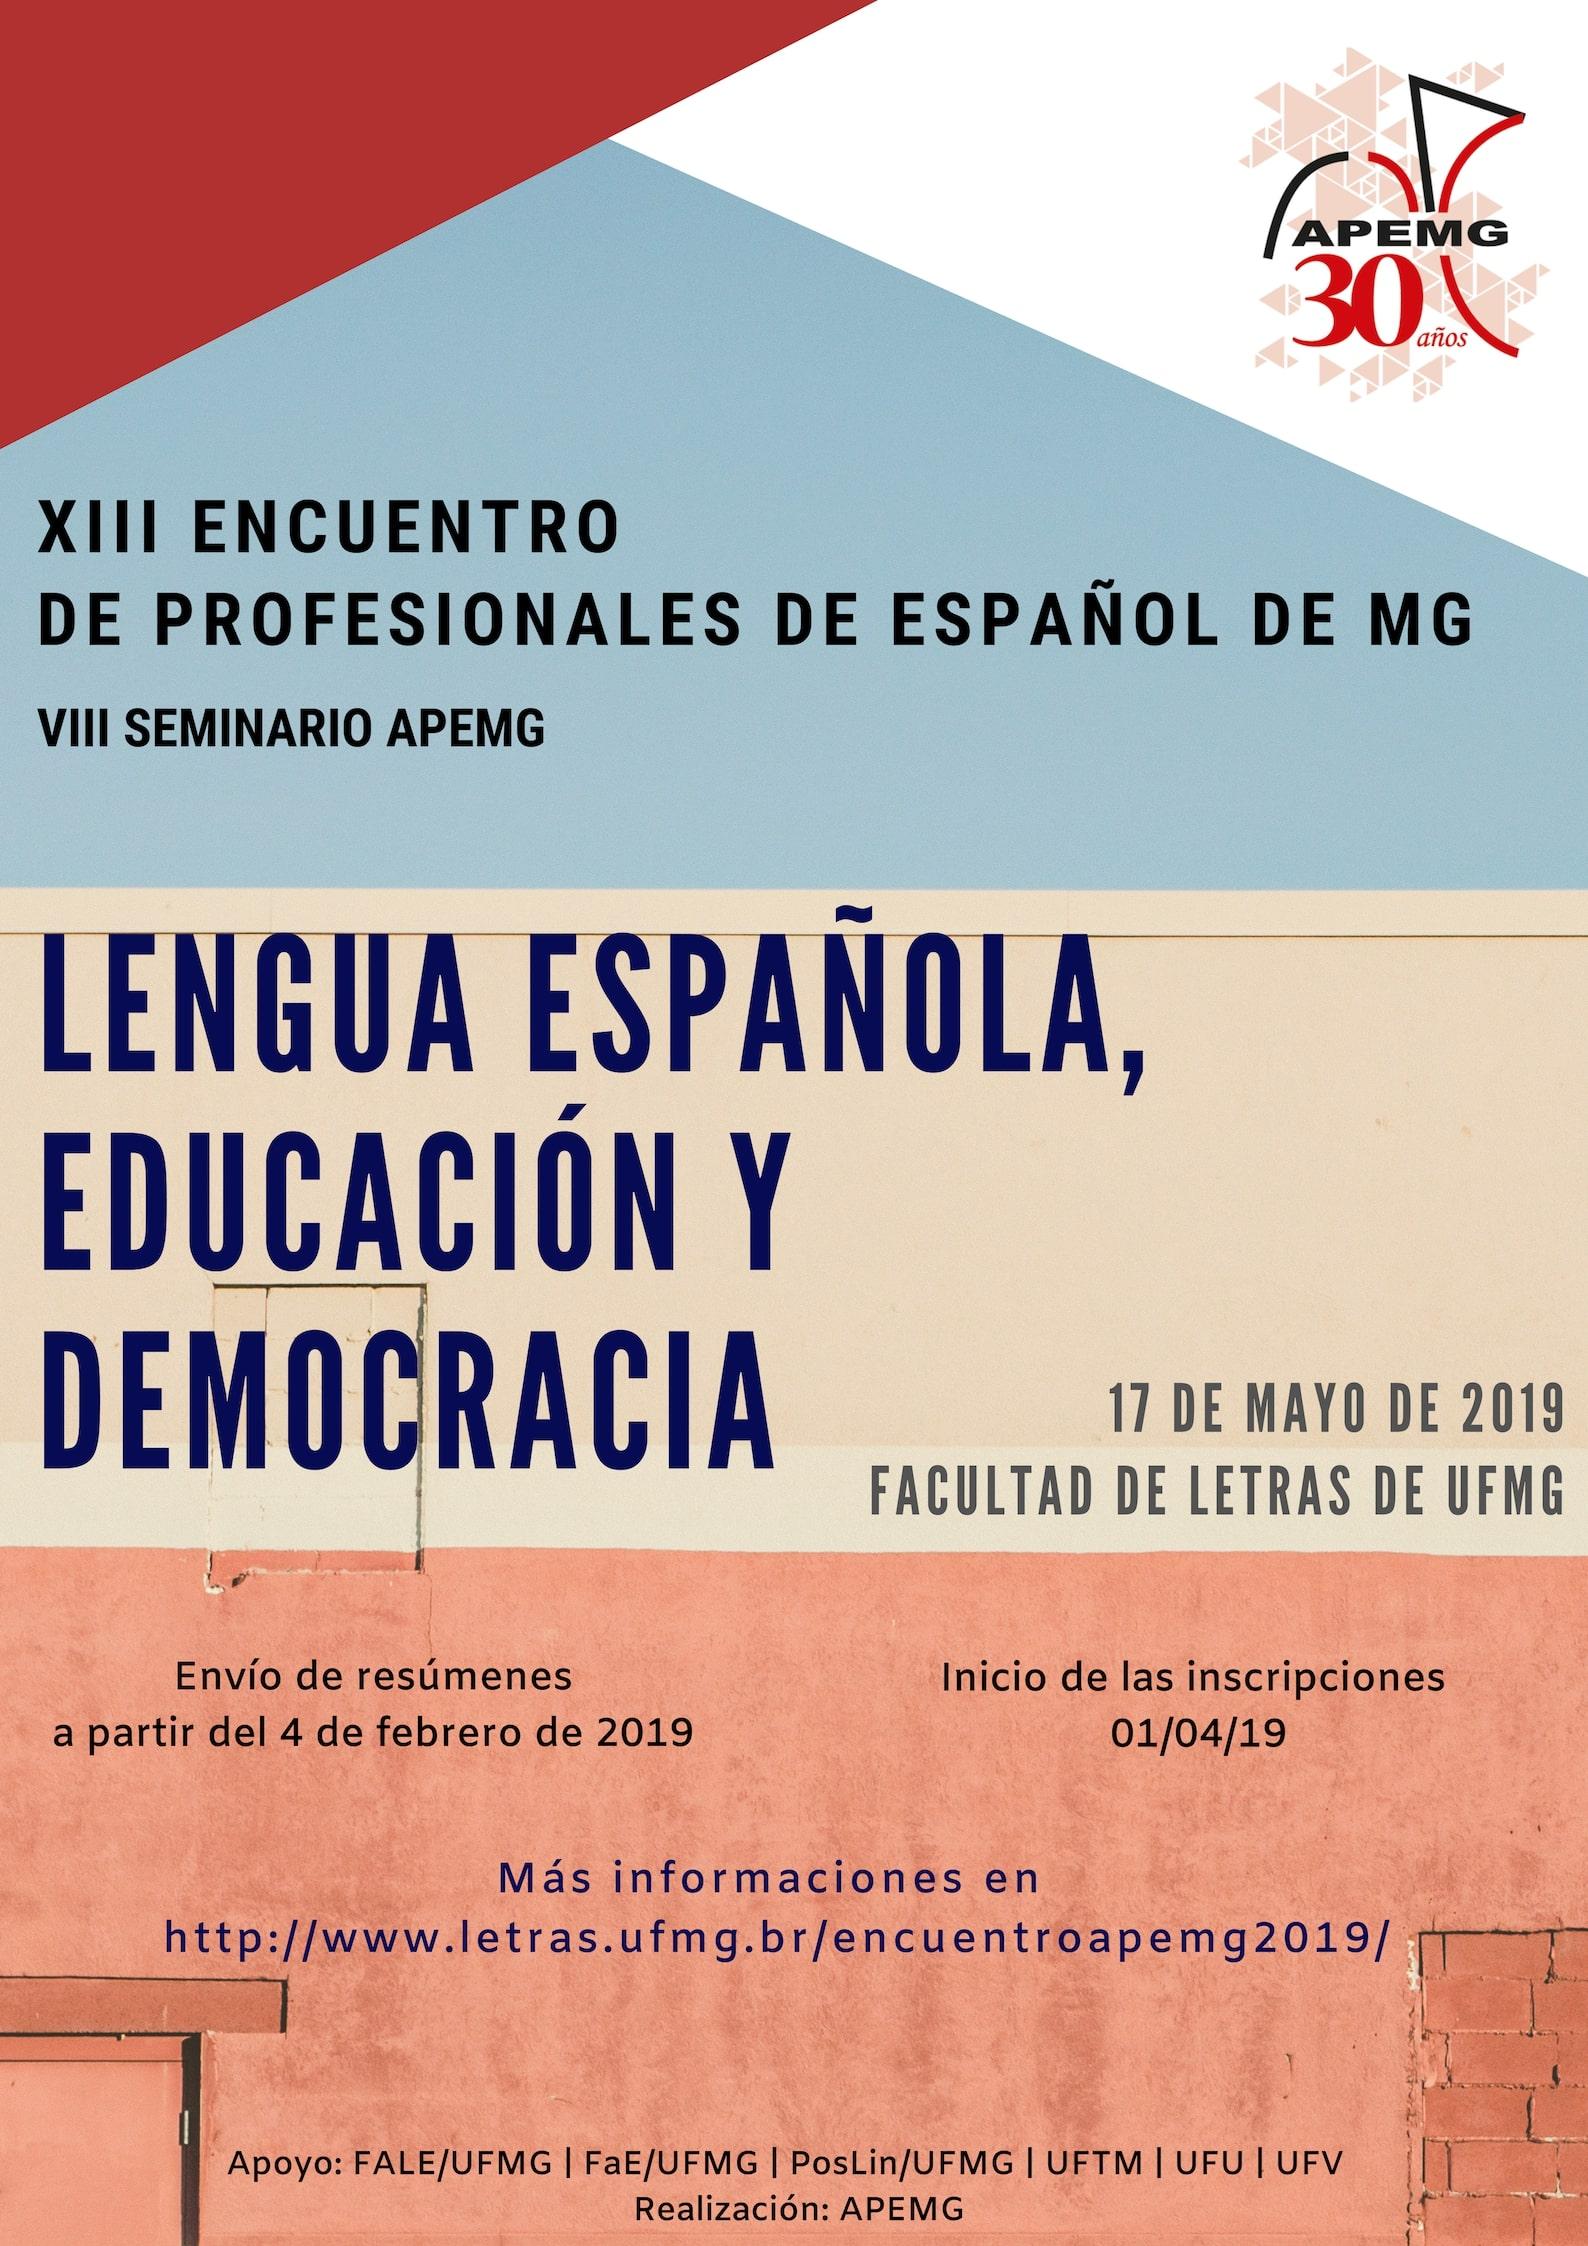 XIII Encuentro de Profesionales de Español de MG VIII Seminario APEMG